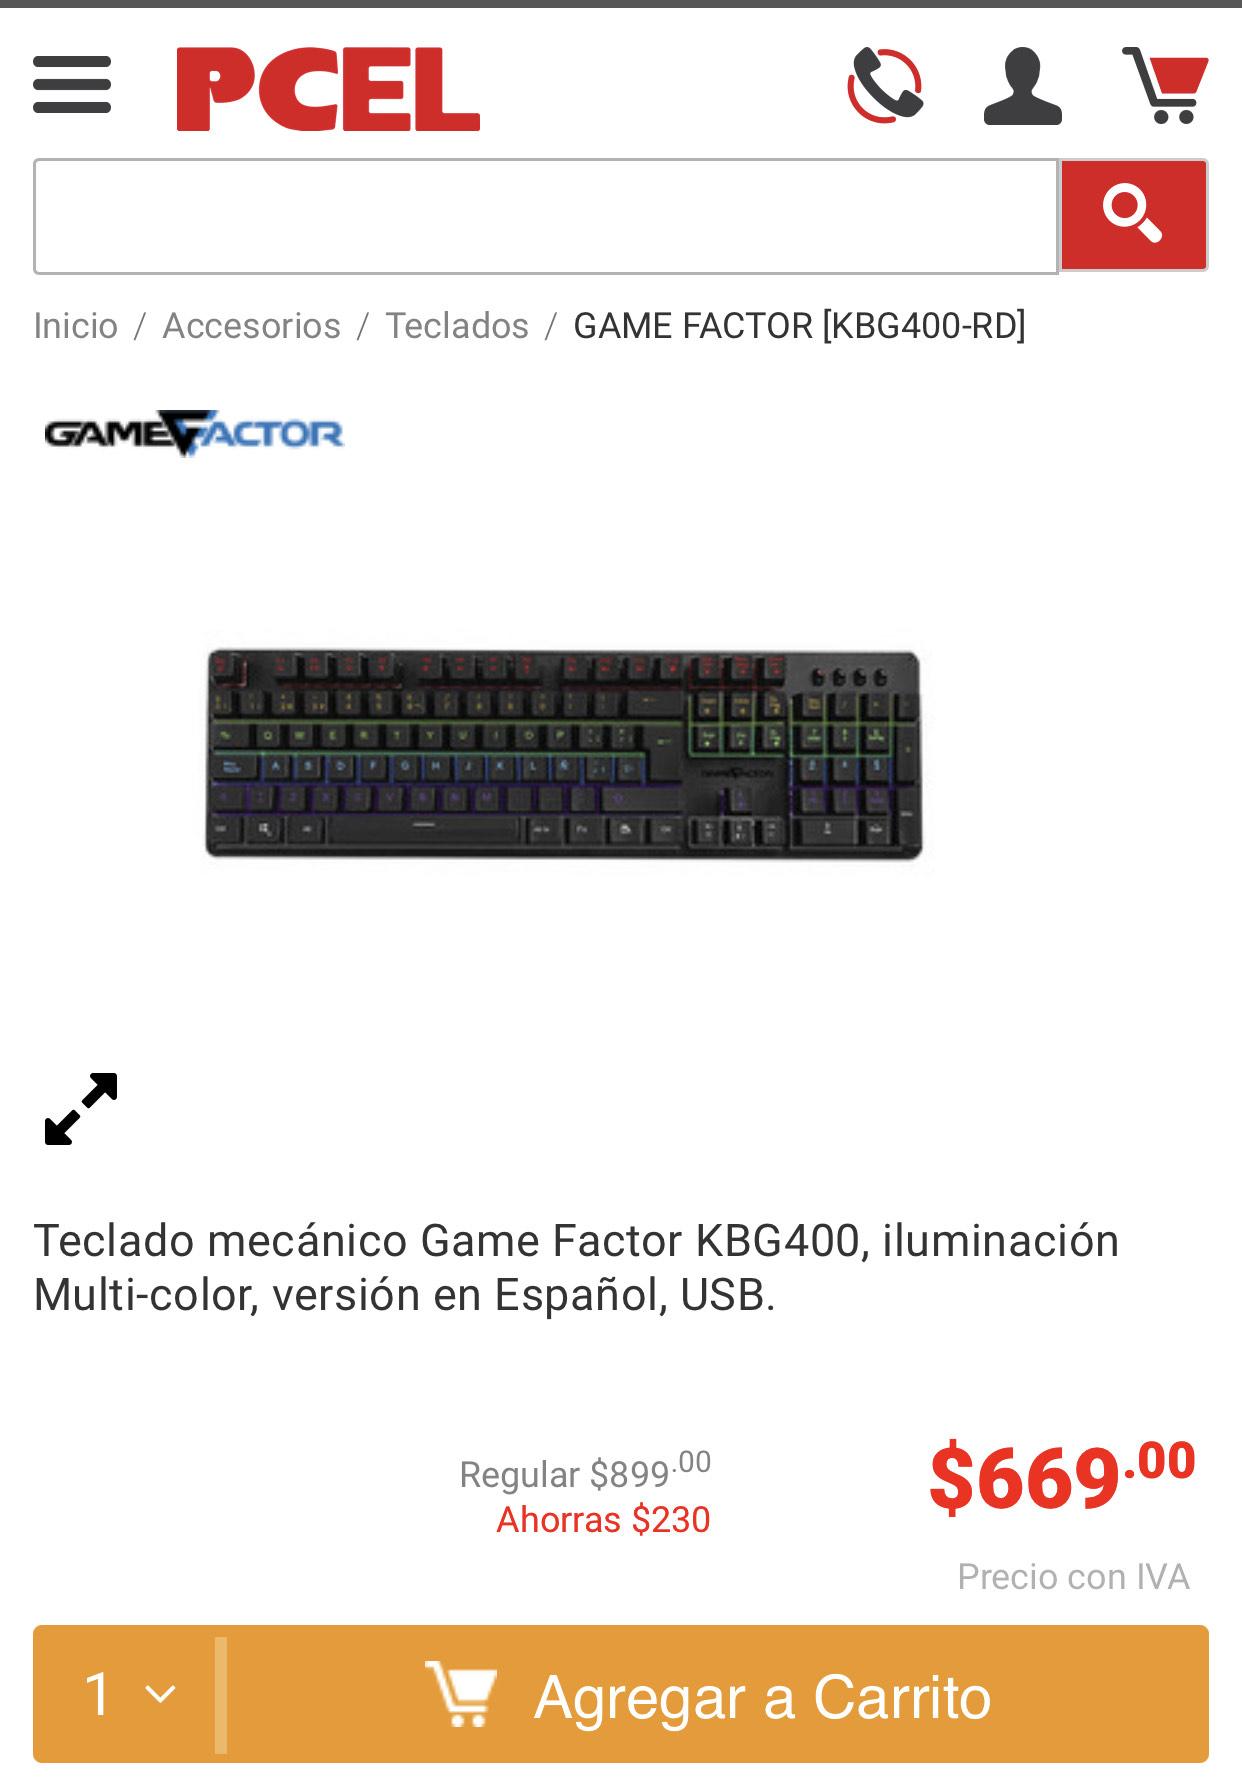 PCEL: Teclado mecánico Game Factor KBG400, iluminación Multi-color, versión en Español, USB.